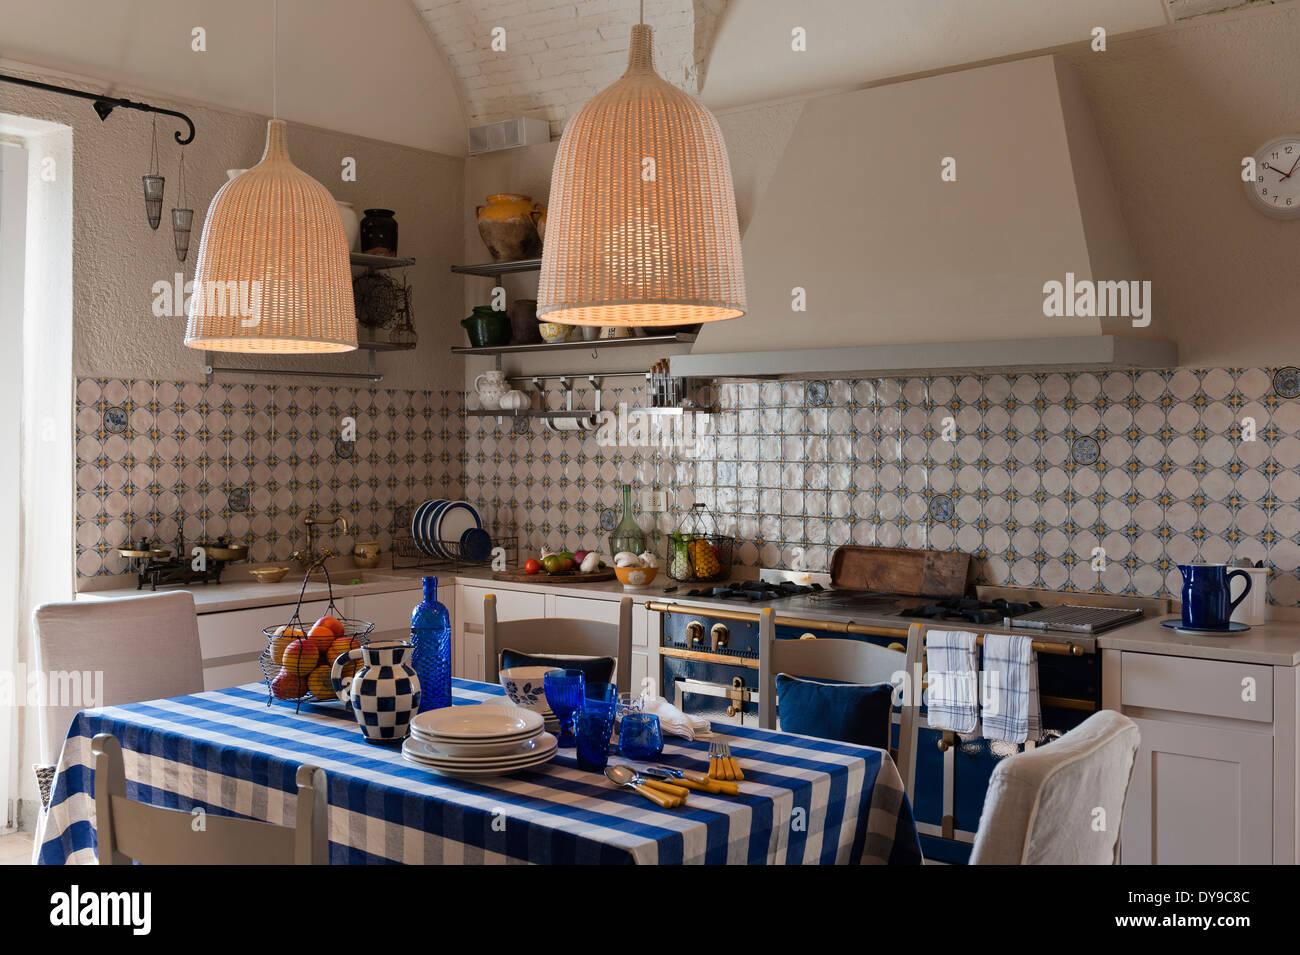 Rustikale landhausk che mit dekorativen fliesen la cornue k chenherd aufgegebenes blaue - Fliesen landhauskuche ...